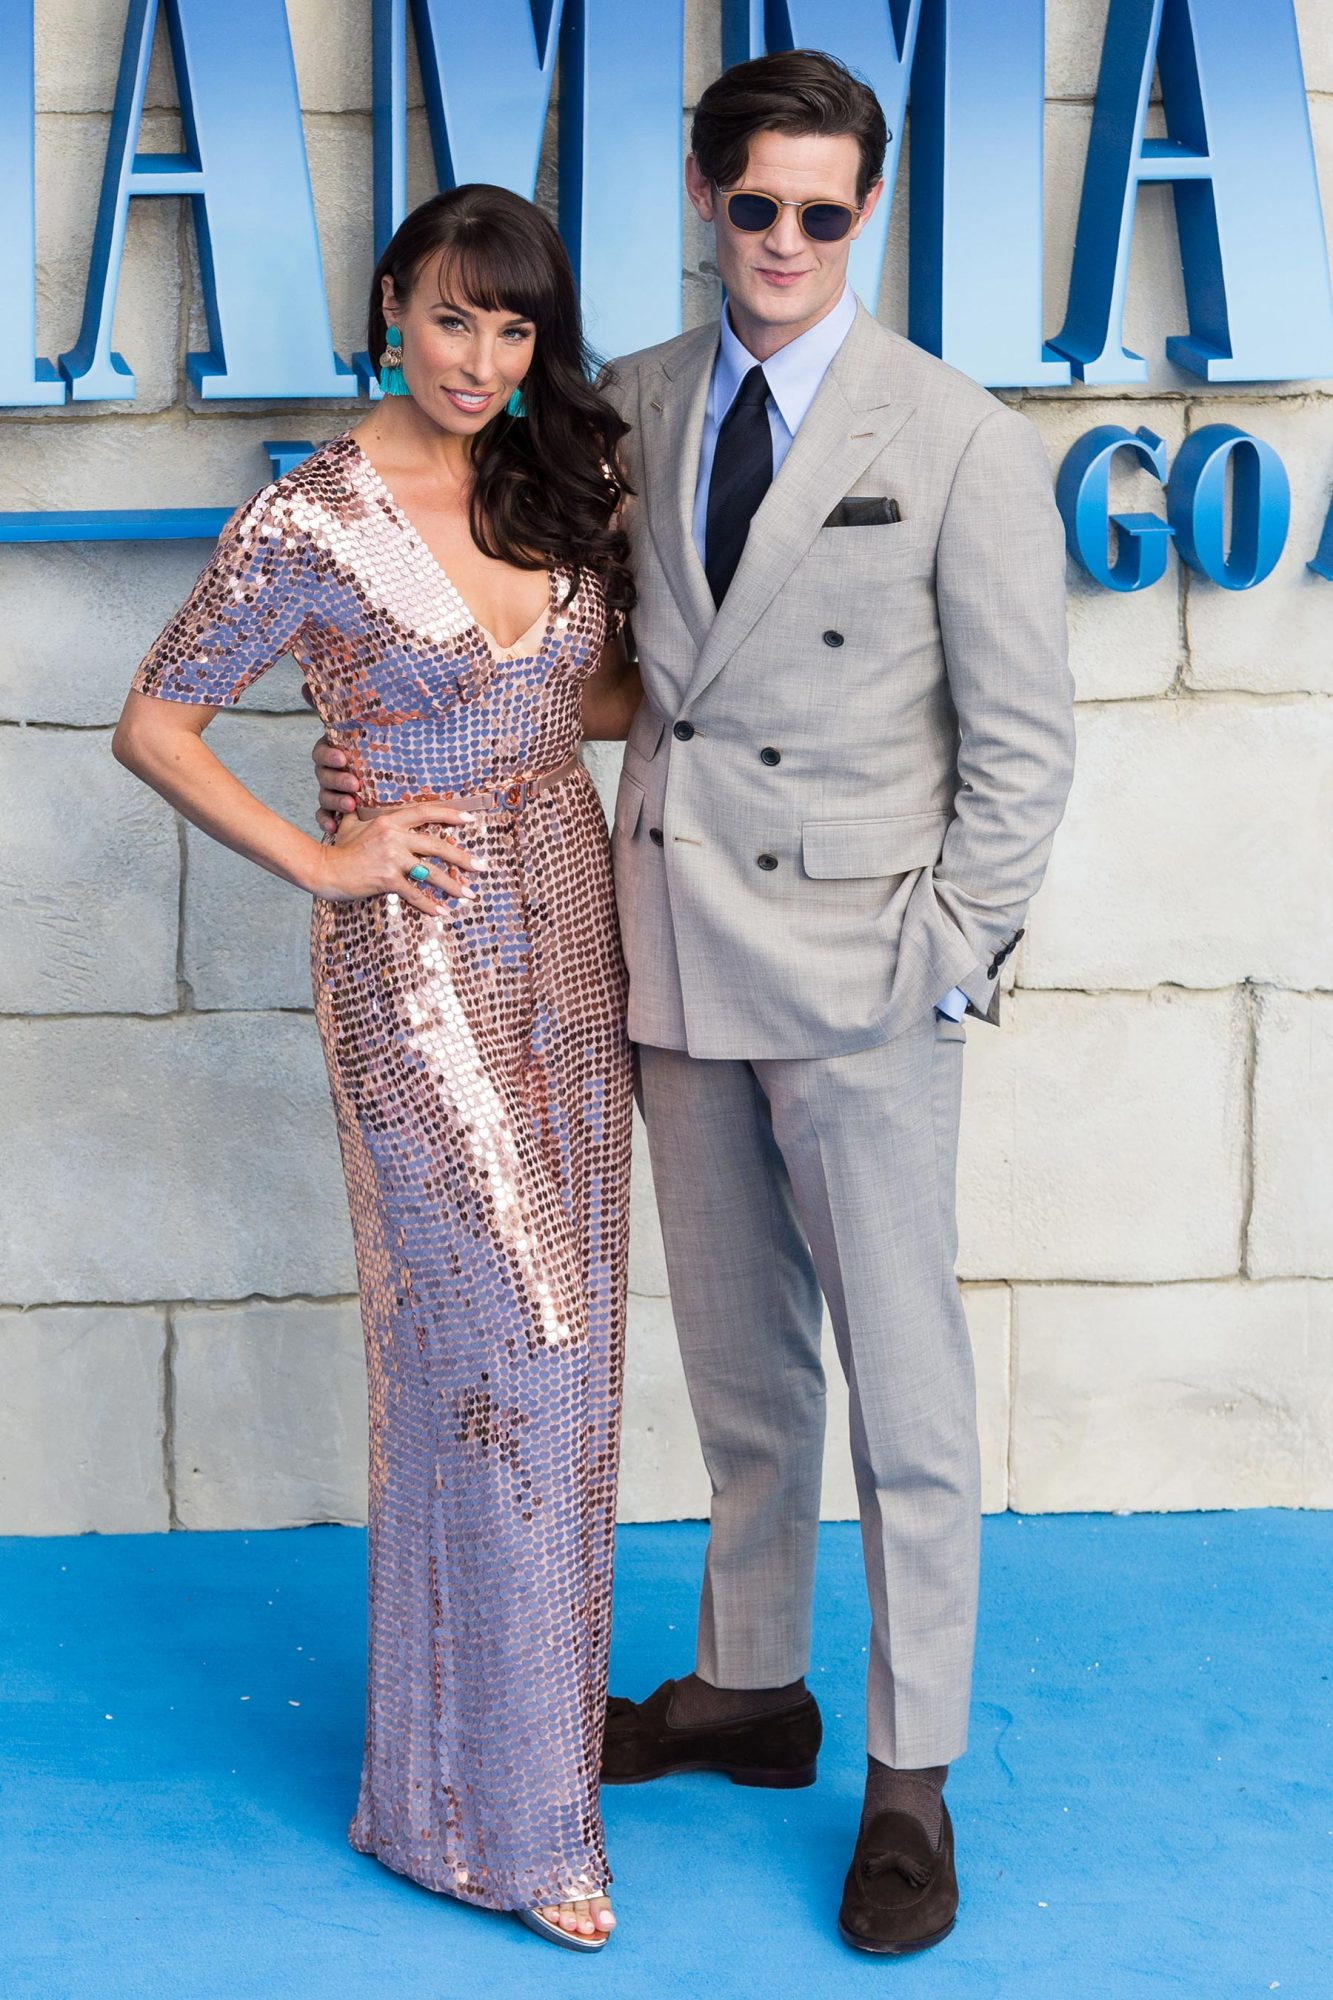 World Film Premiere Of 'Mamma Mia! Here We Go Again' In London